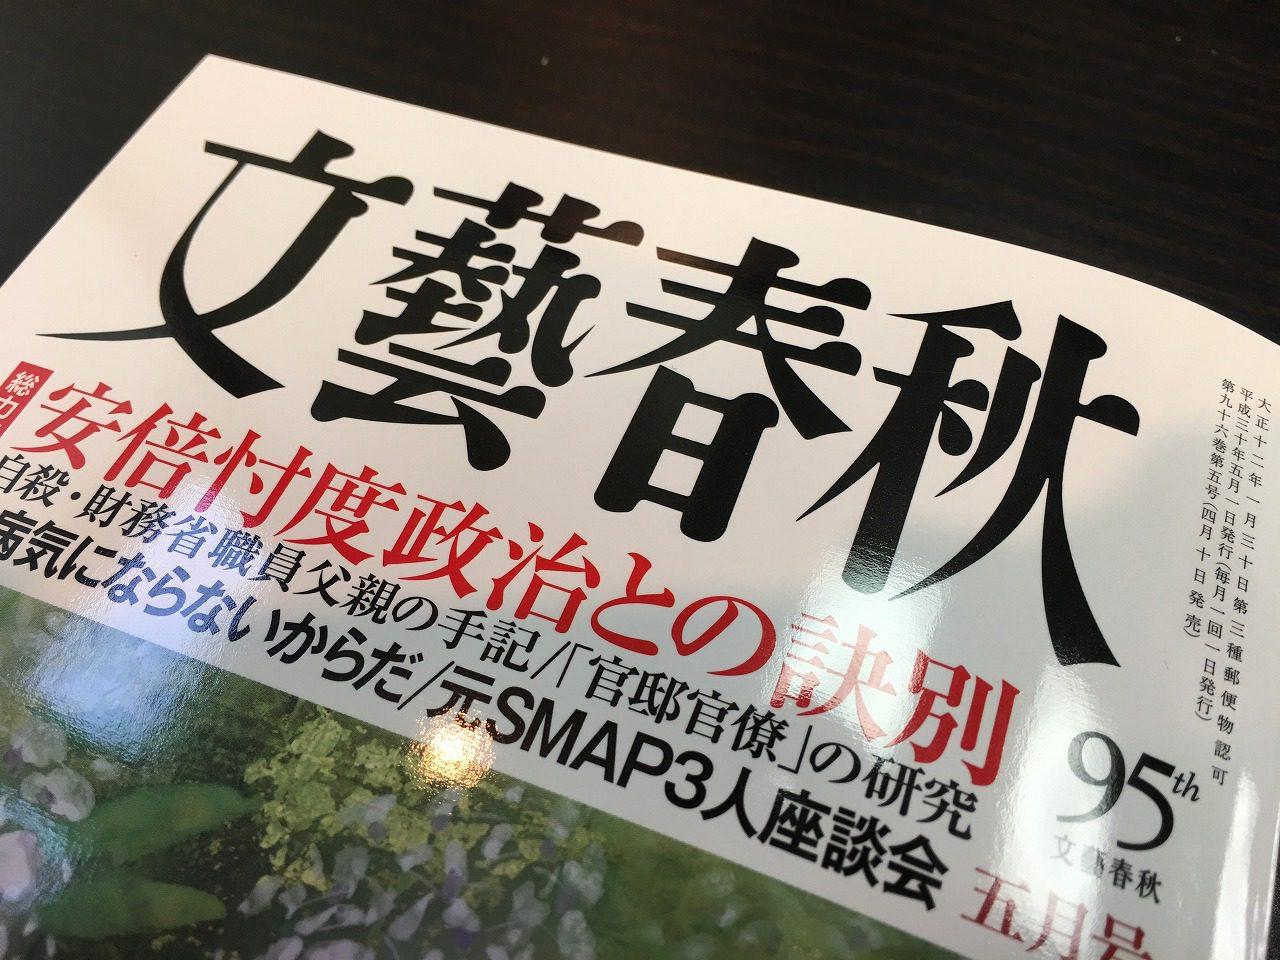 文藝春秋6月号で不動産・土地活用の特集が組まれます